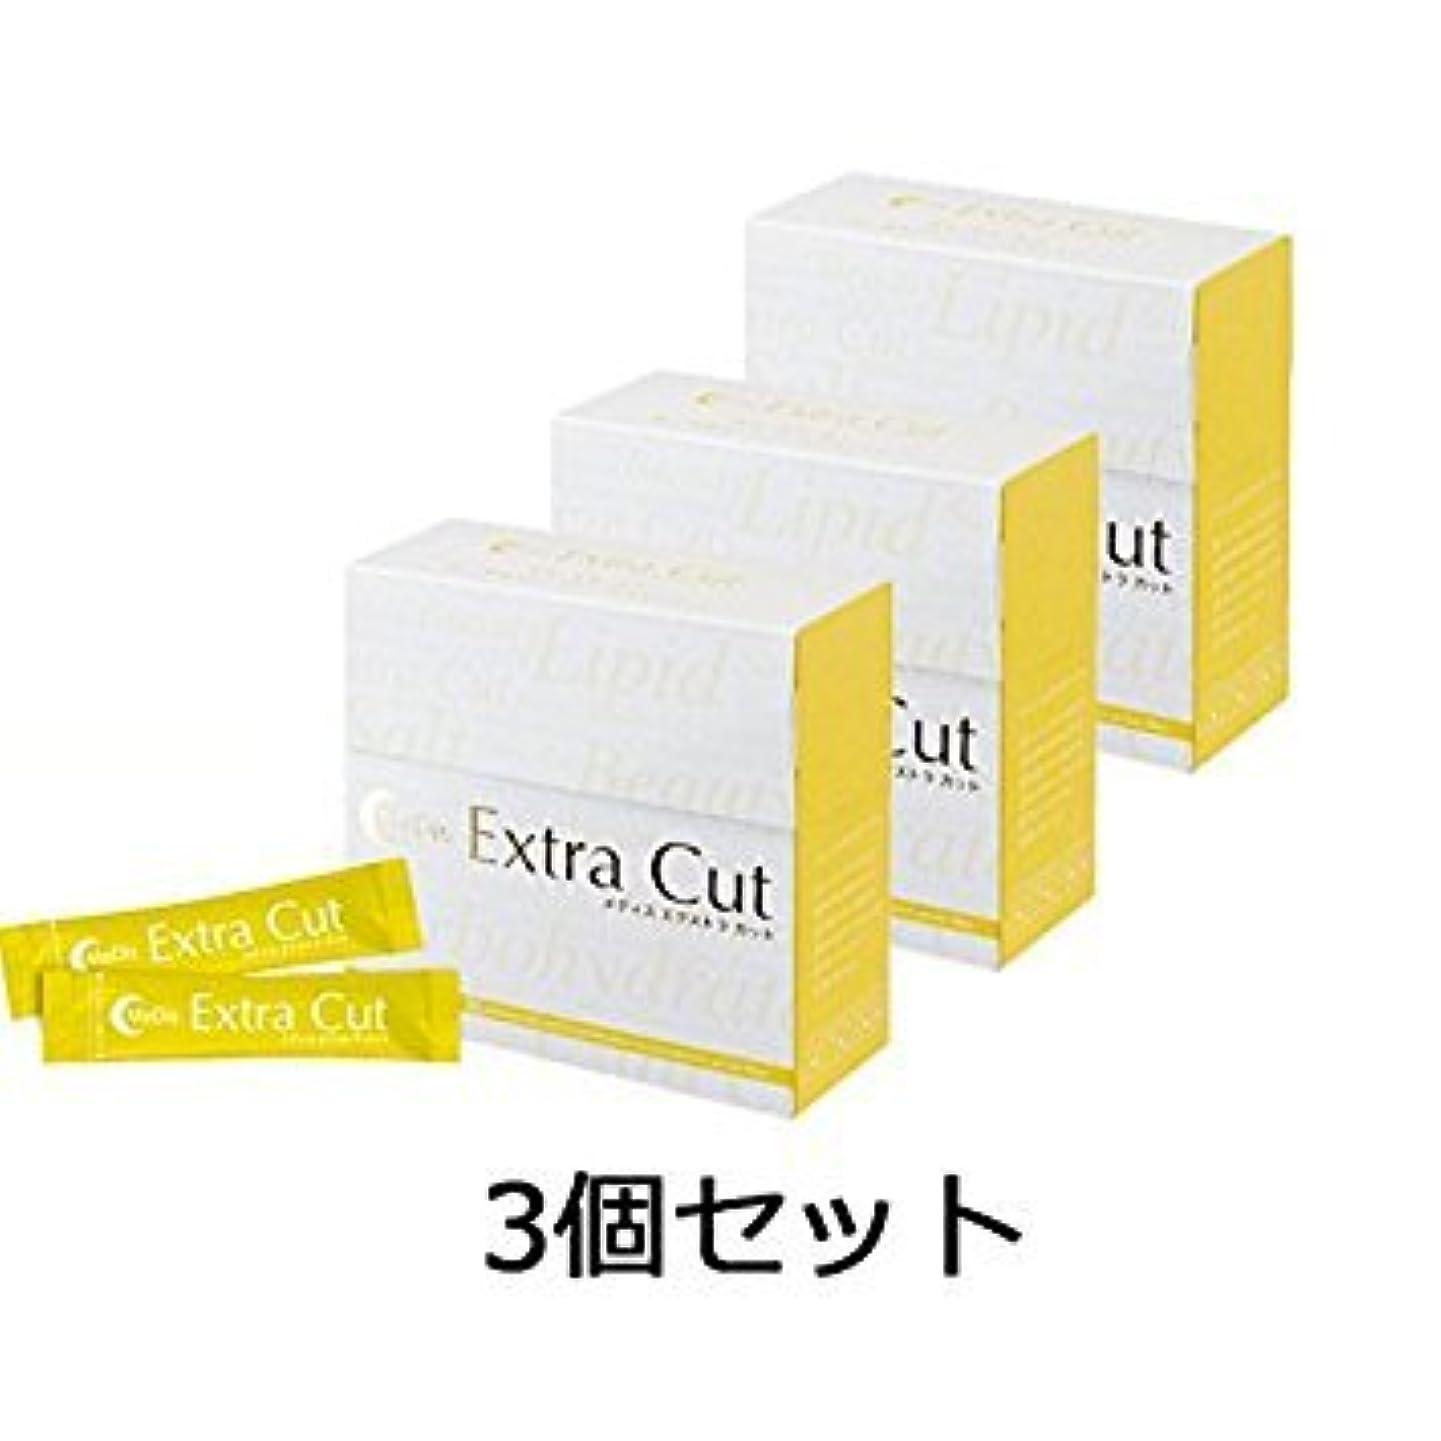 商品祝福する乳白メディス エクストラカット 90g (3g×30包) × 3個セット